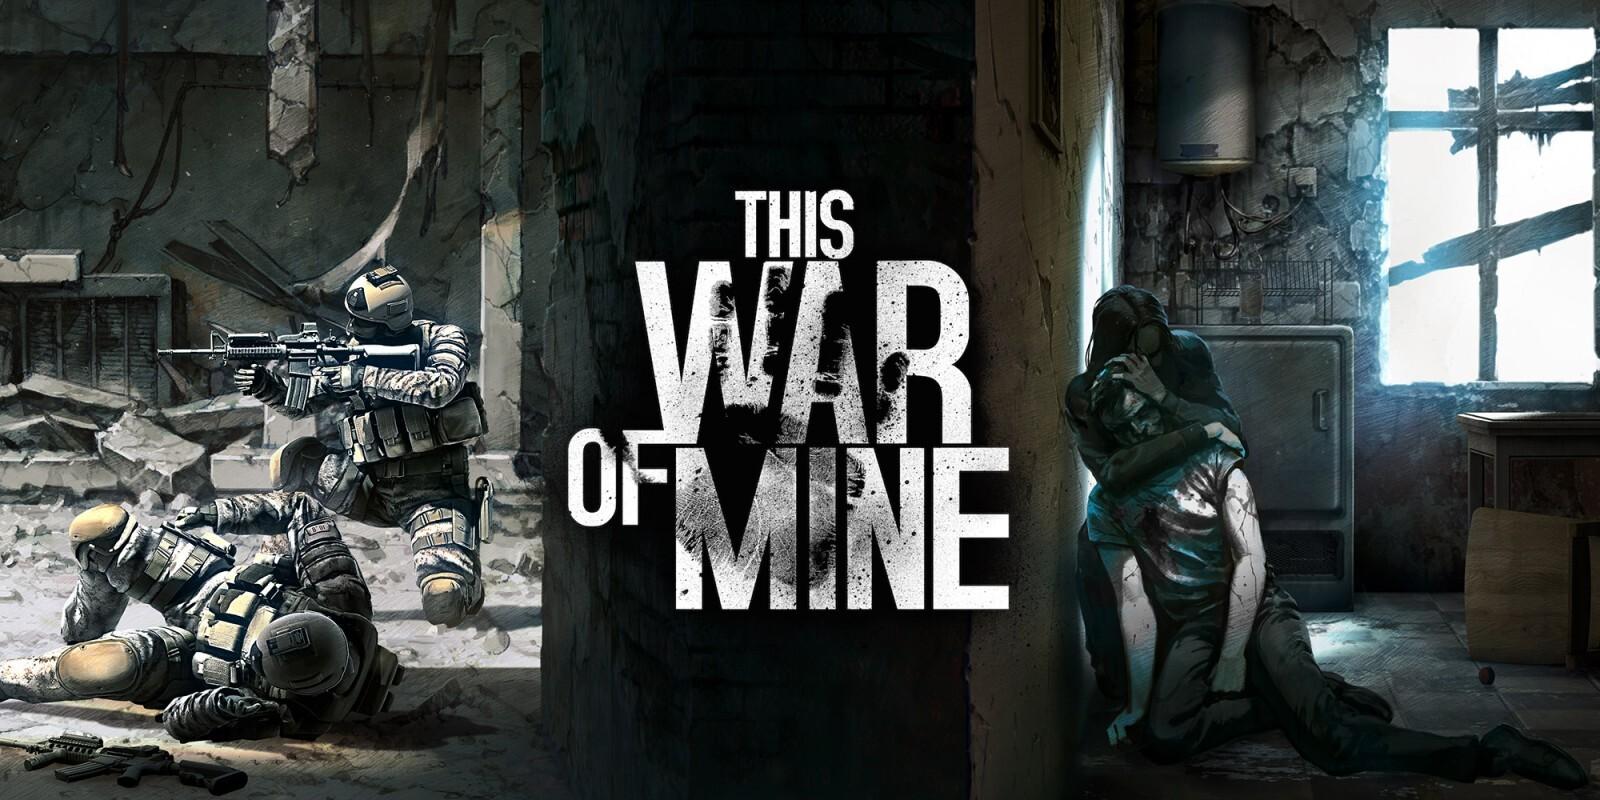 بررسی بازی این جنگ من / چگونه از یک شهر جنگزده جان سالم به در ببریم